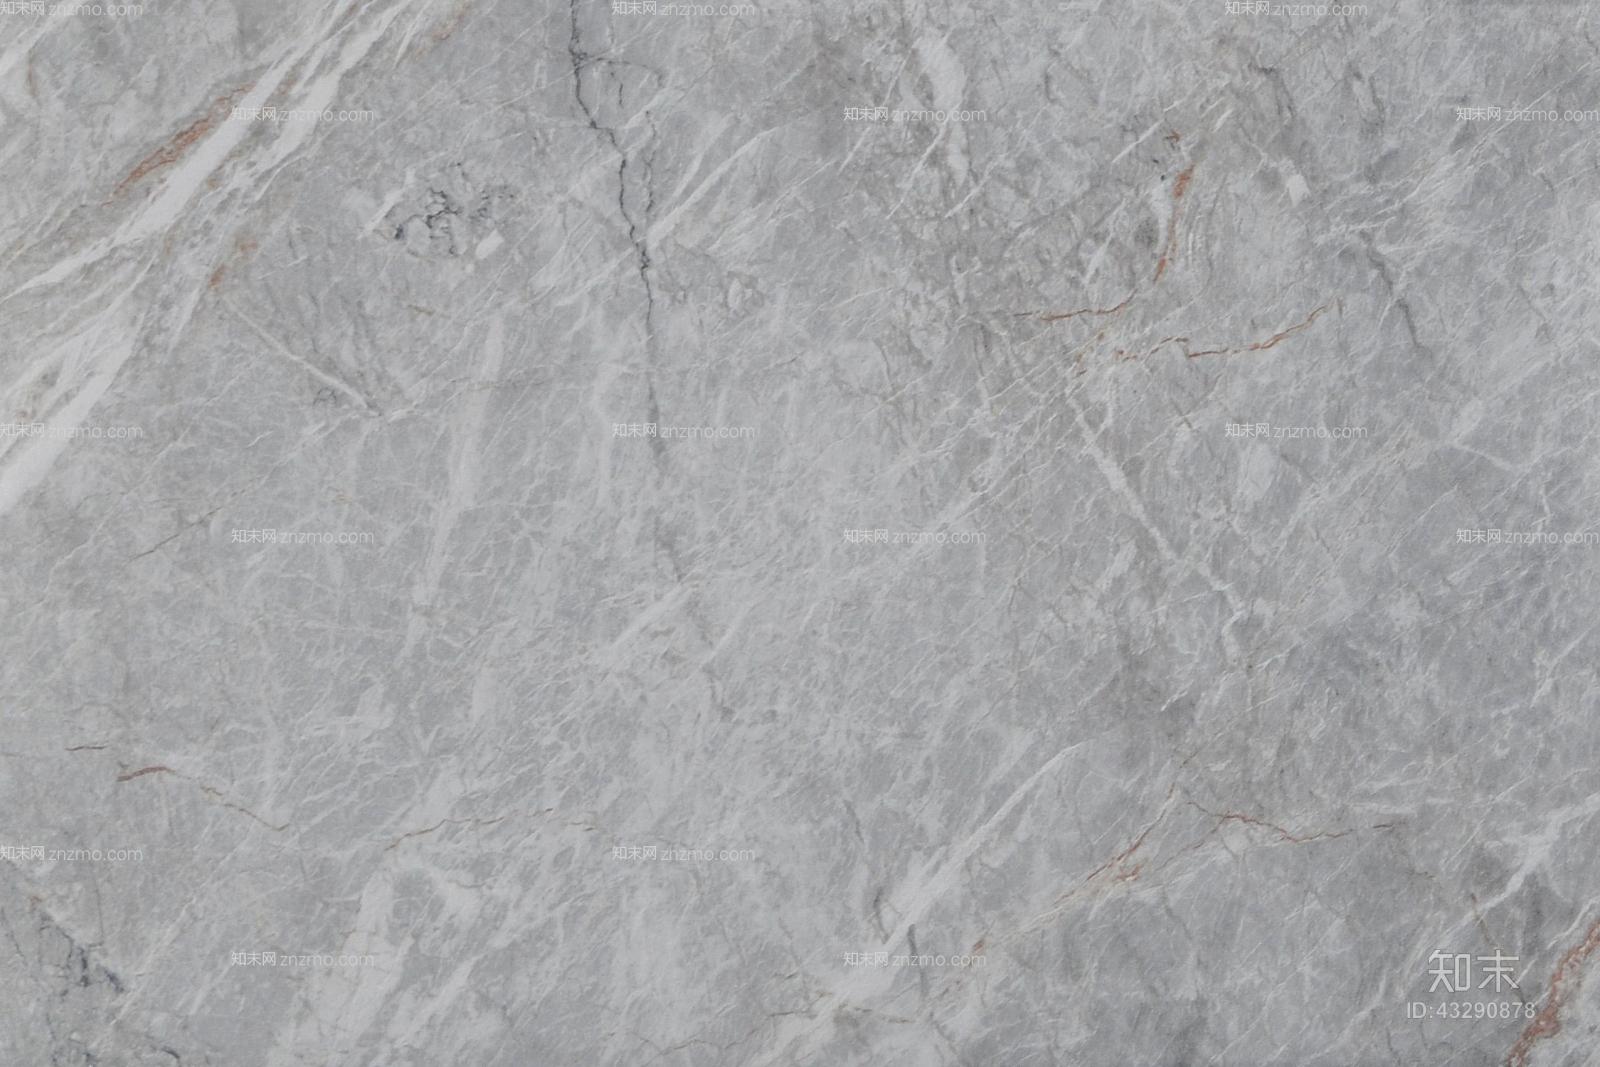 石纹贴图下载【ID:43290878】